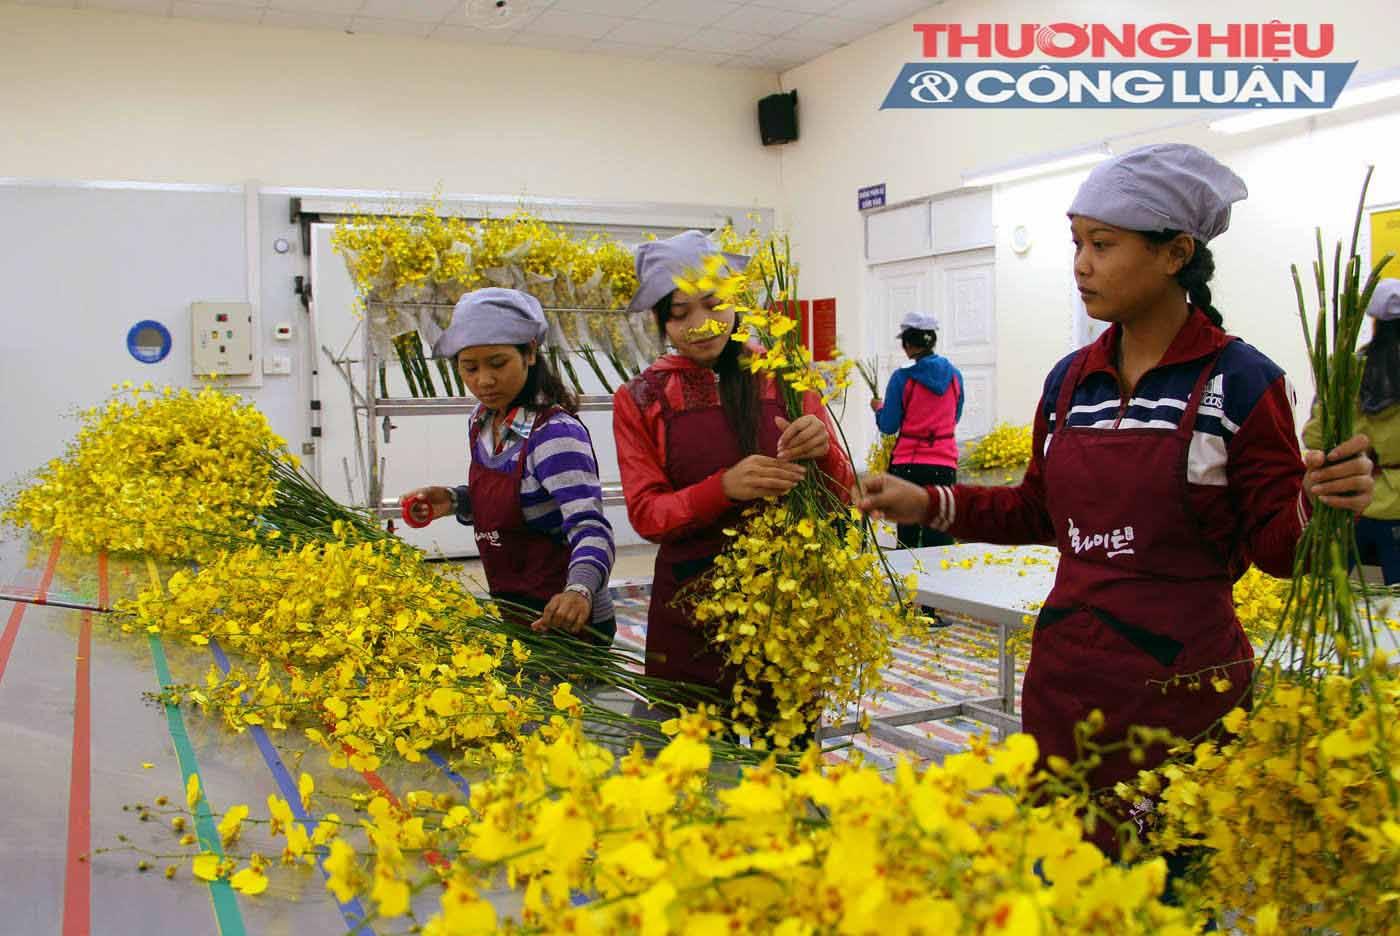 Tỉnh Lâm Đồng – TP. HCM: Hợp tác đưa rau sạch về phố - Hình 3